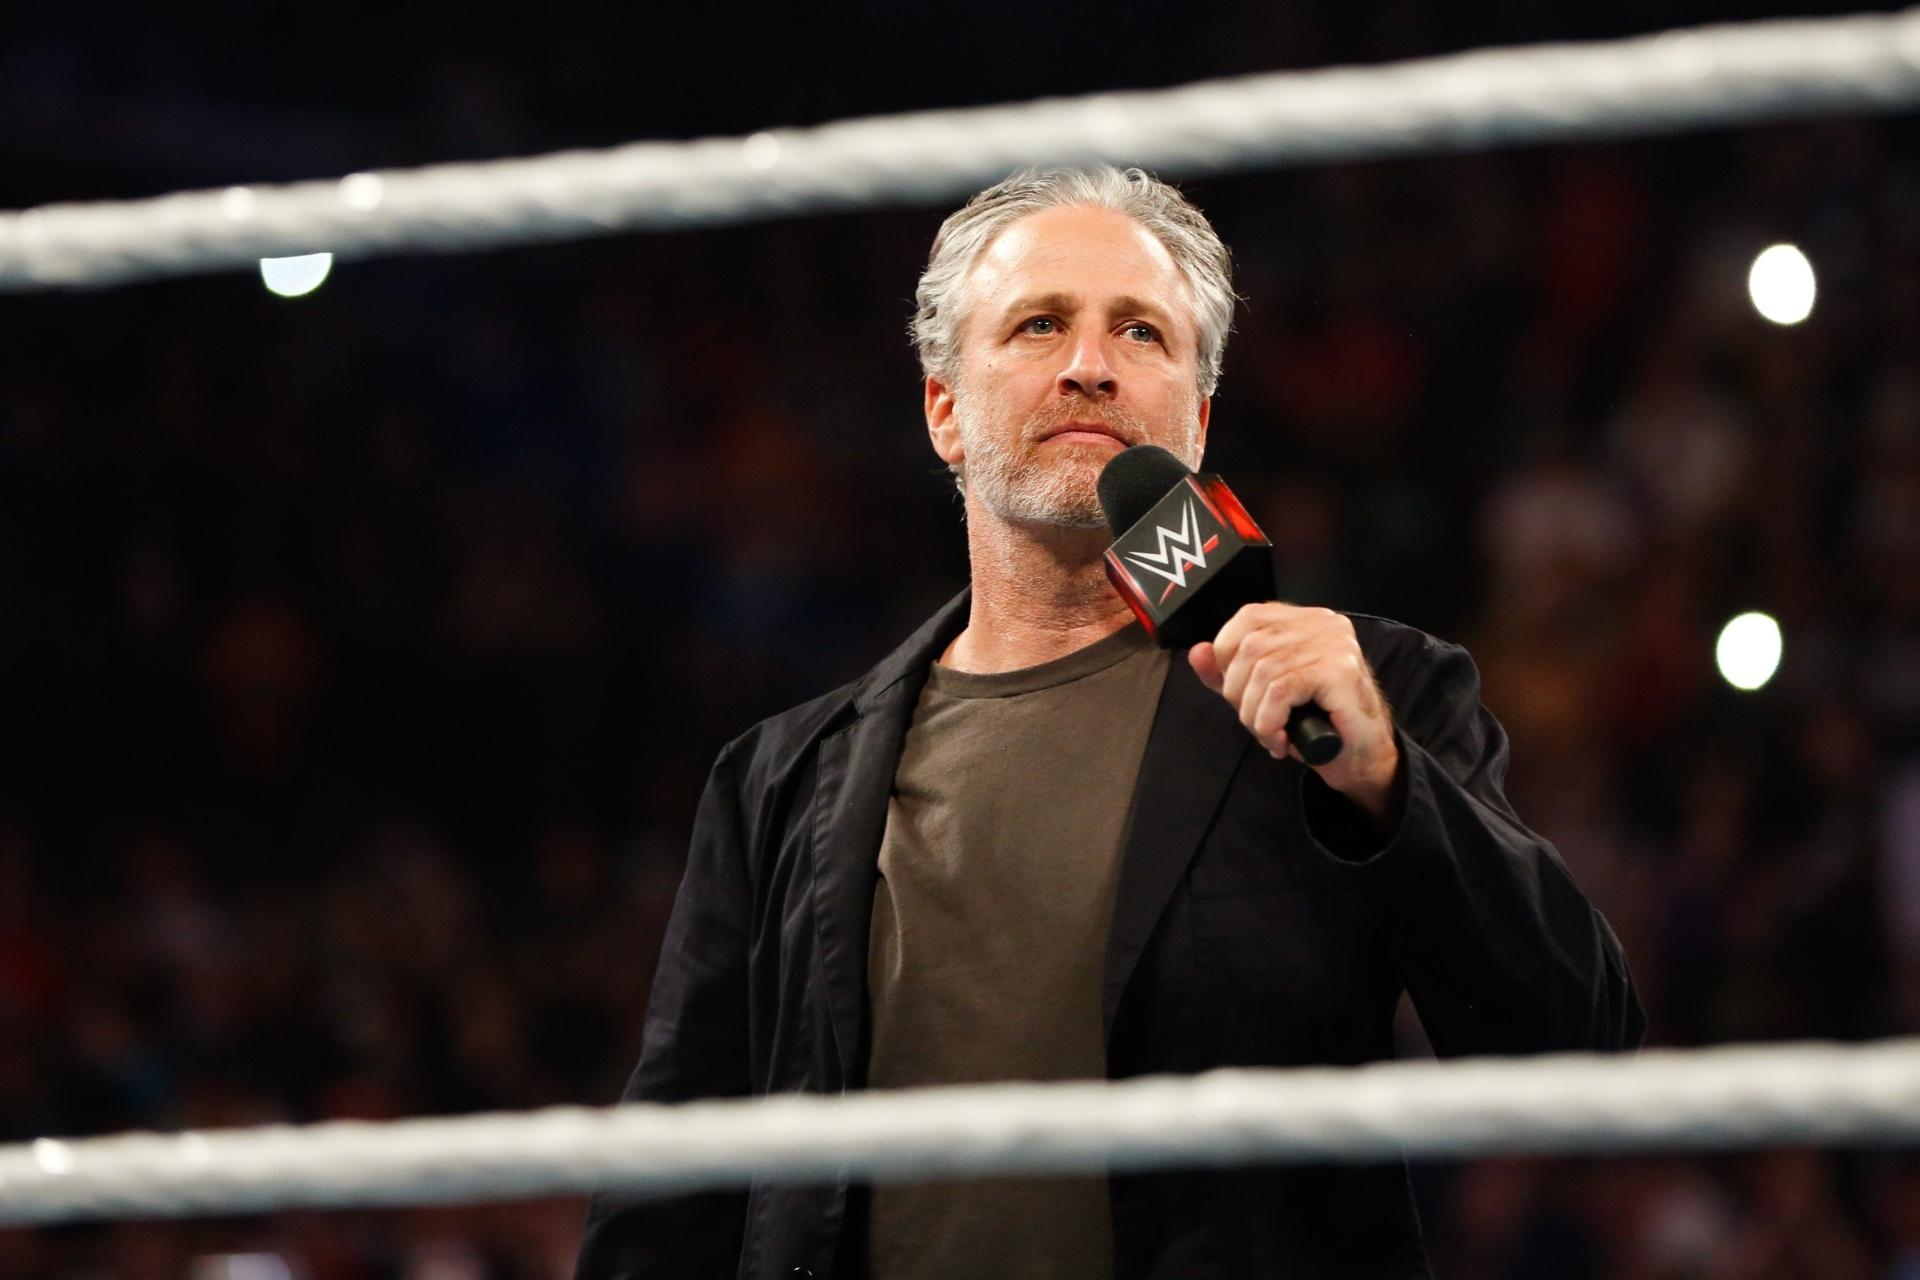 Comediante Jon Stewart participa de evento da WWE, o telecatch dos Estados Unidos